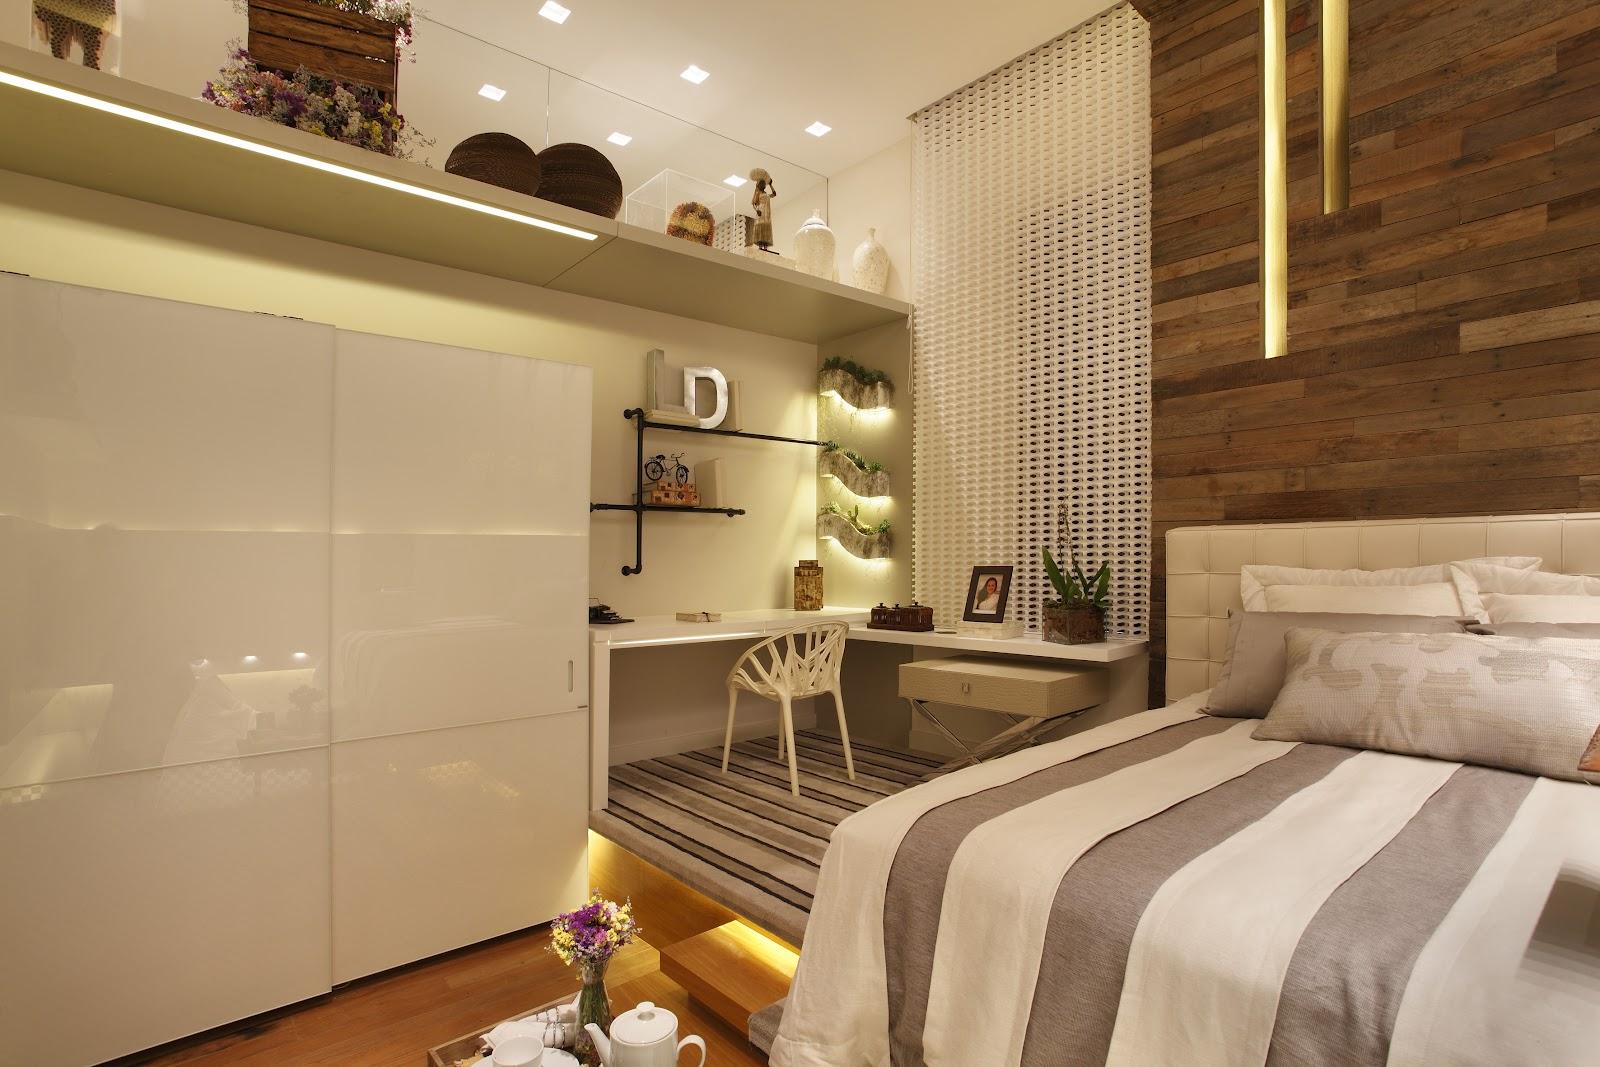 A casa da sheila quartos com home office for Dormitorio 3x5